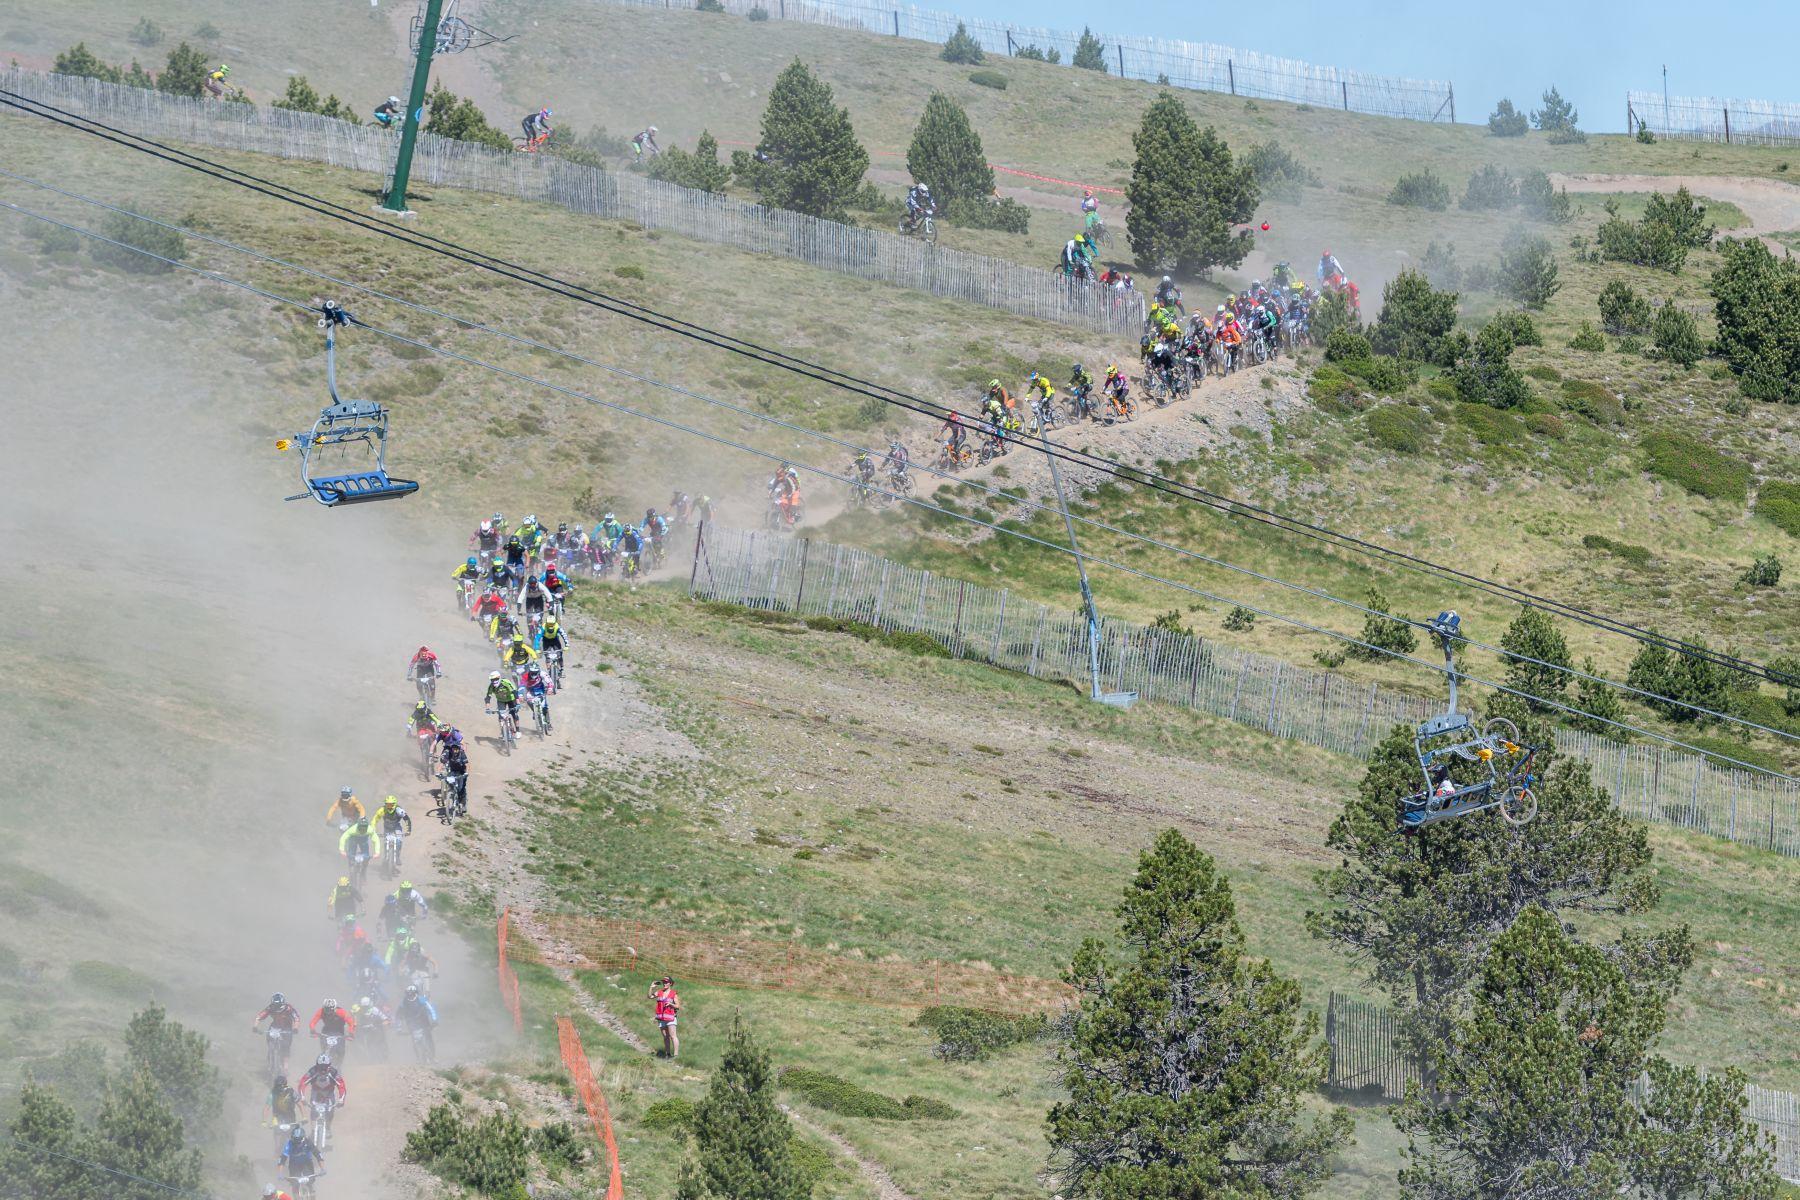 Este año el polvo ha sido un elemento con el que han tenido que convivir los bikers